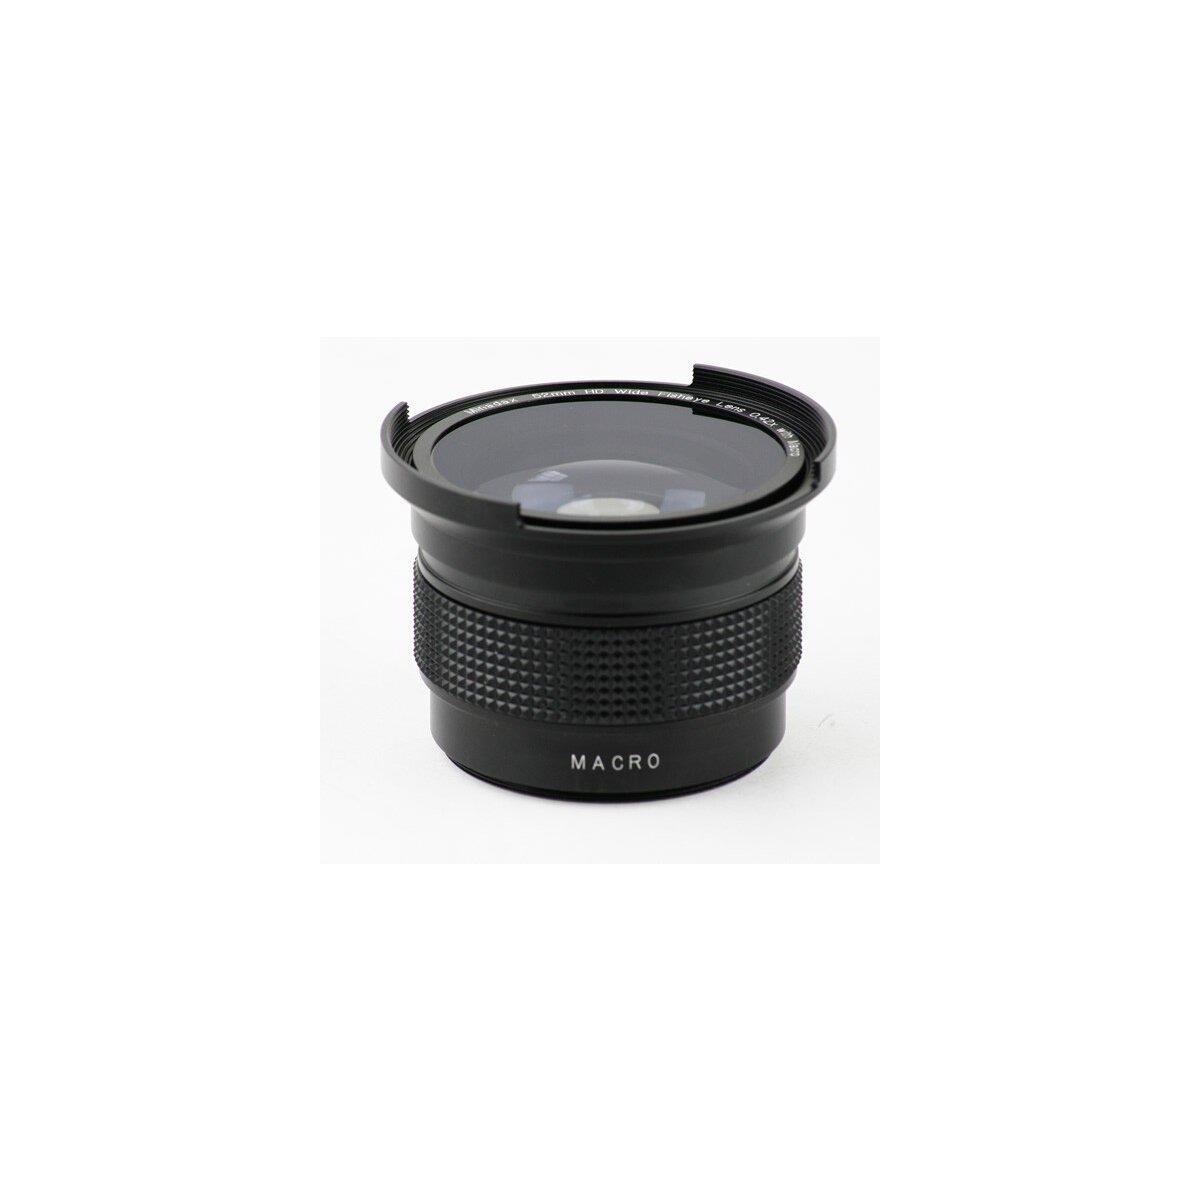 Minadax 0.42x Fisheye Vorsatz kompatibel mit Canon Powershot A700, A710 IS, A720 IS